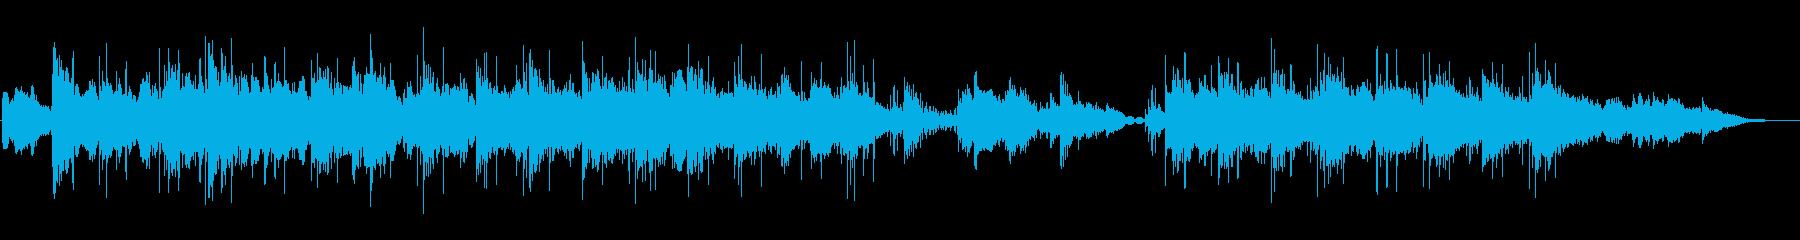 ギターとEピアノの物憂げな海辺のジャズの再生済みの波形